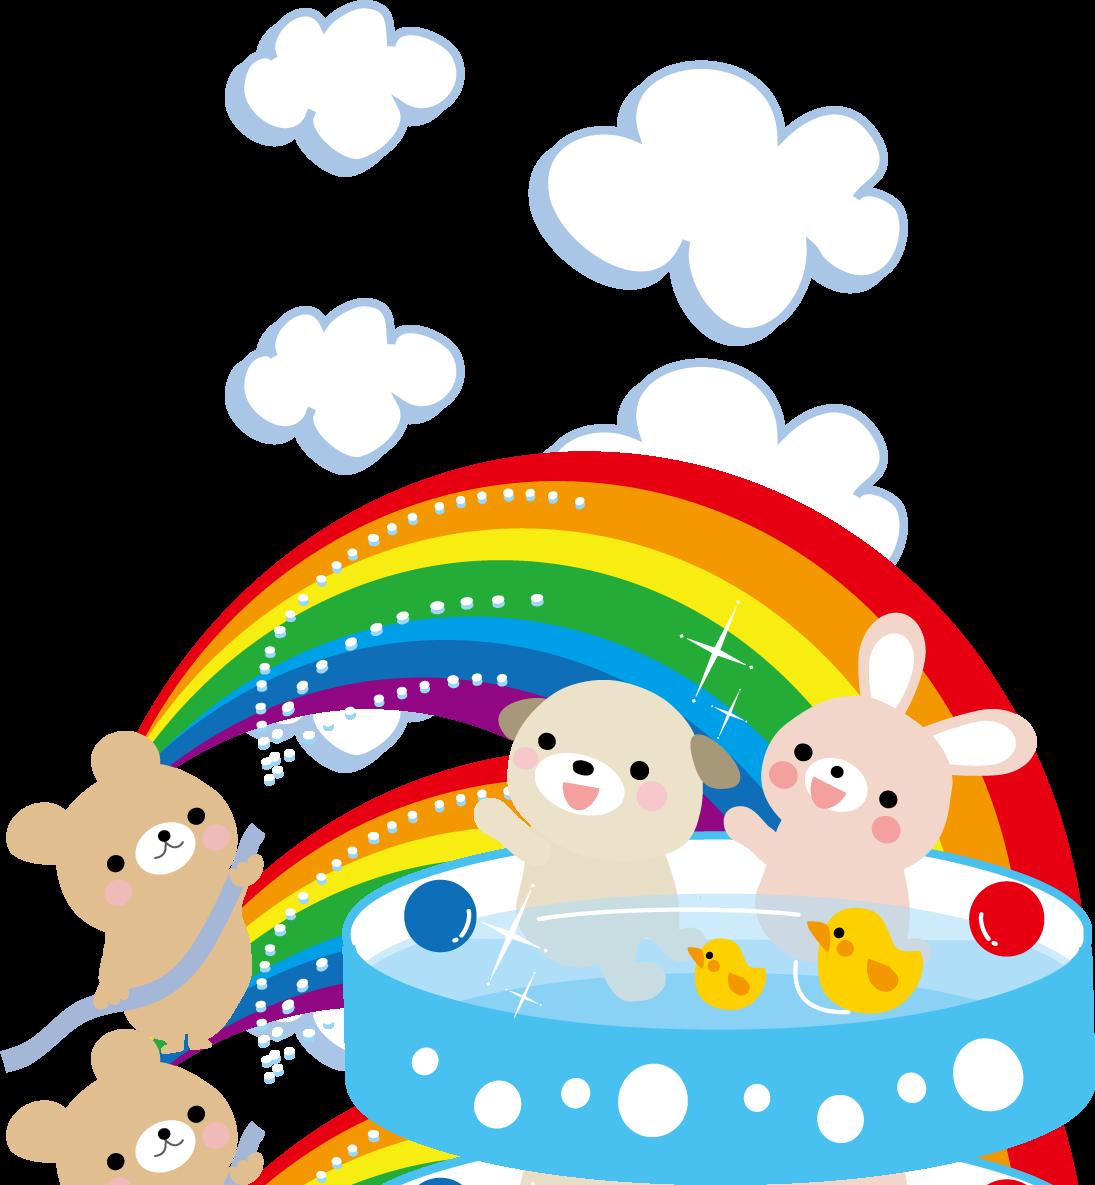 夏・プール水遊びのイラスト(無料イラスト)フリー素材